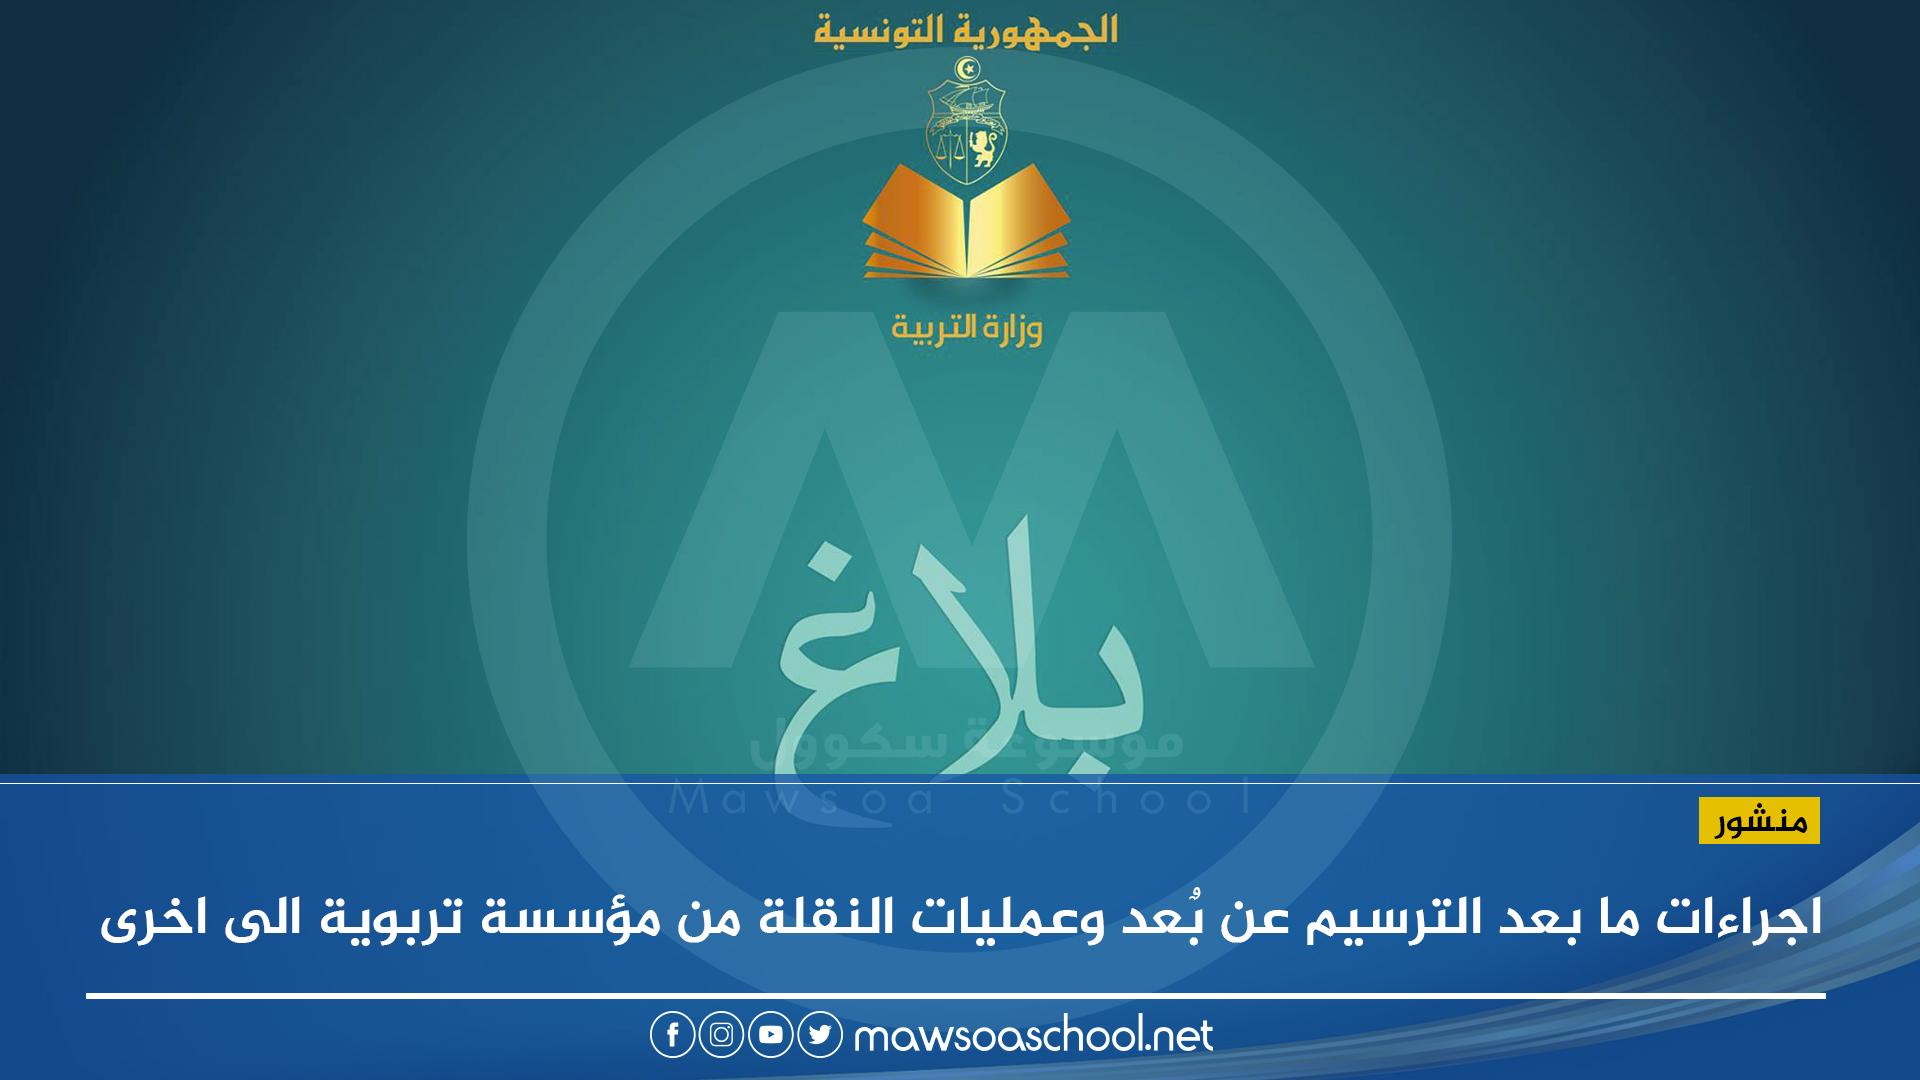 بلاغ وزارة التربية حول اجراءات ما بعد التسجيل عن بُعد في المدارس الاعدادية والمعاهد الثانوية